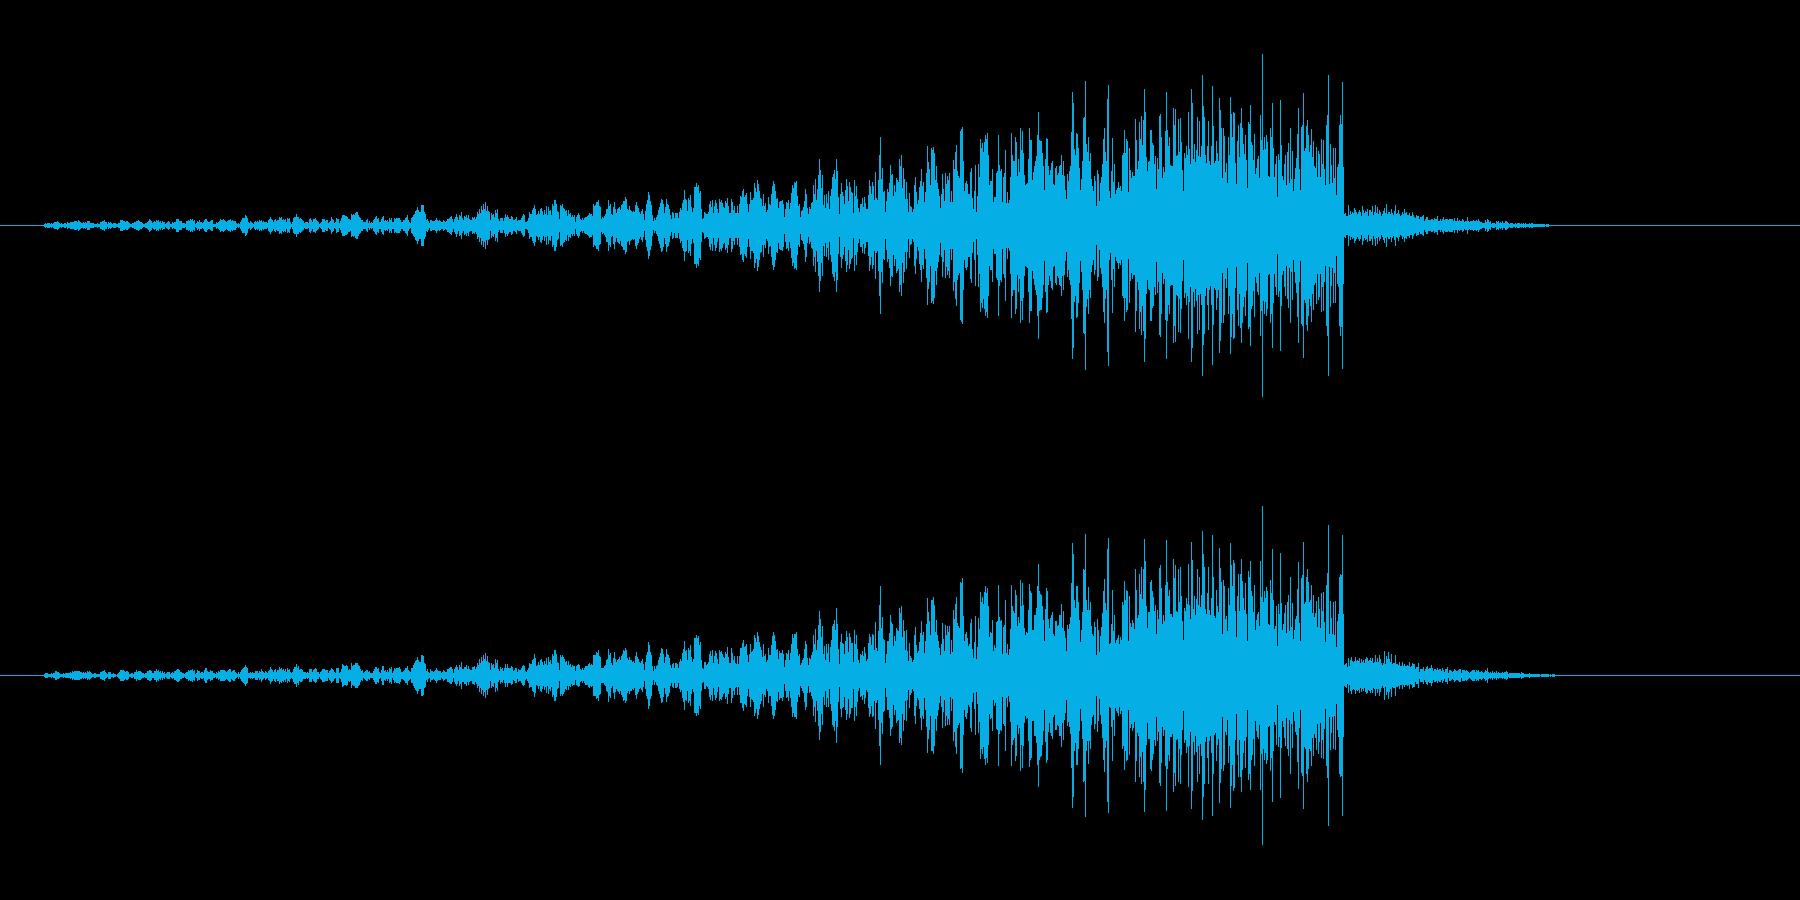 プェ,プポ,プ〜ン(歯切れのいい効果音)の再生済みの波形